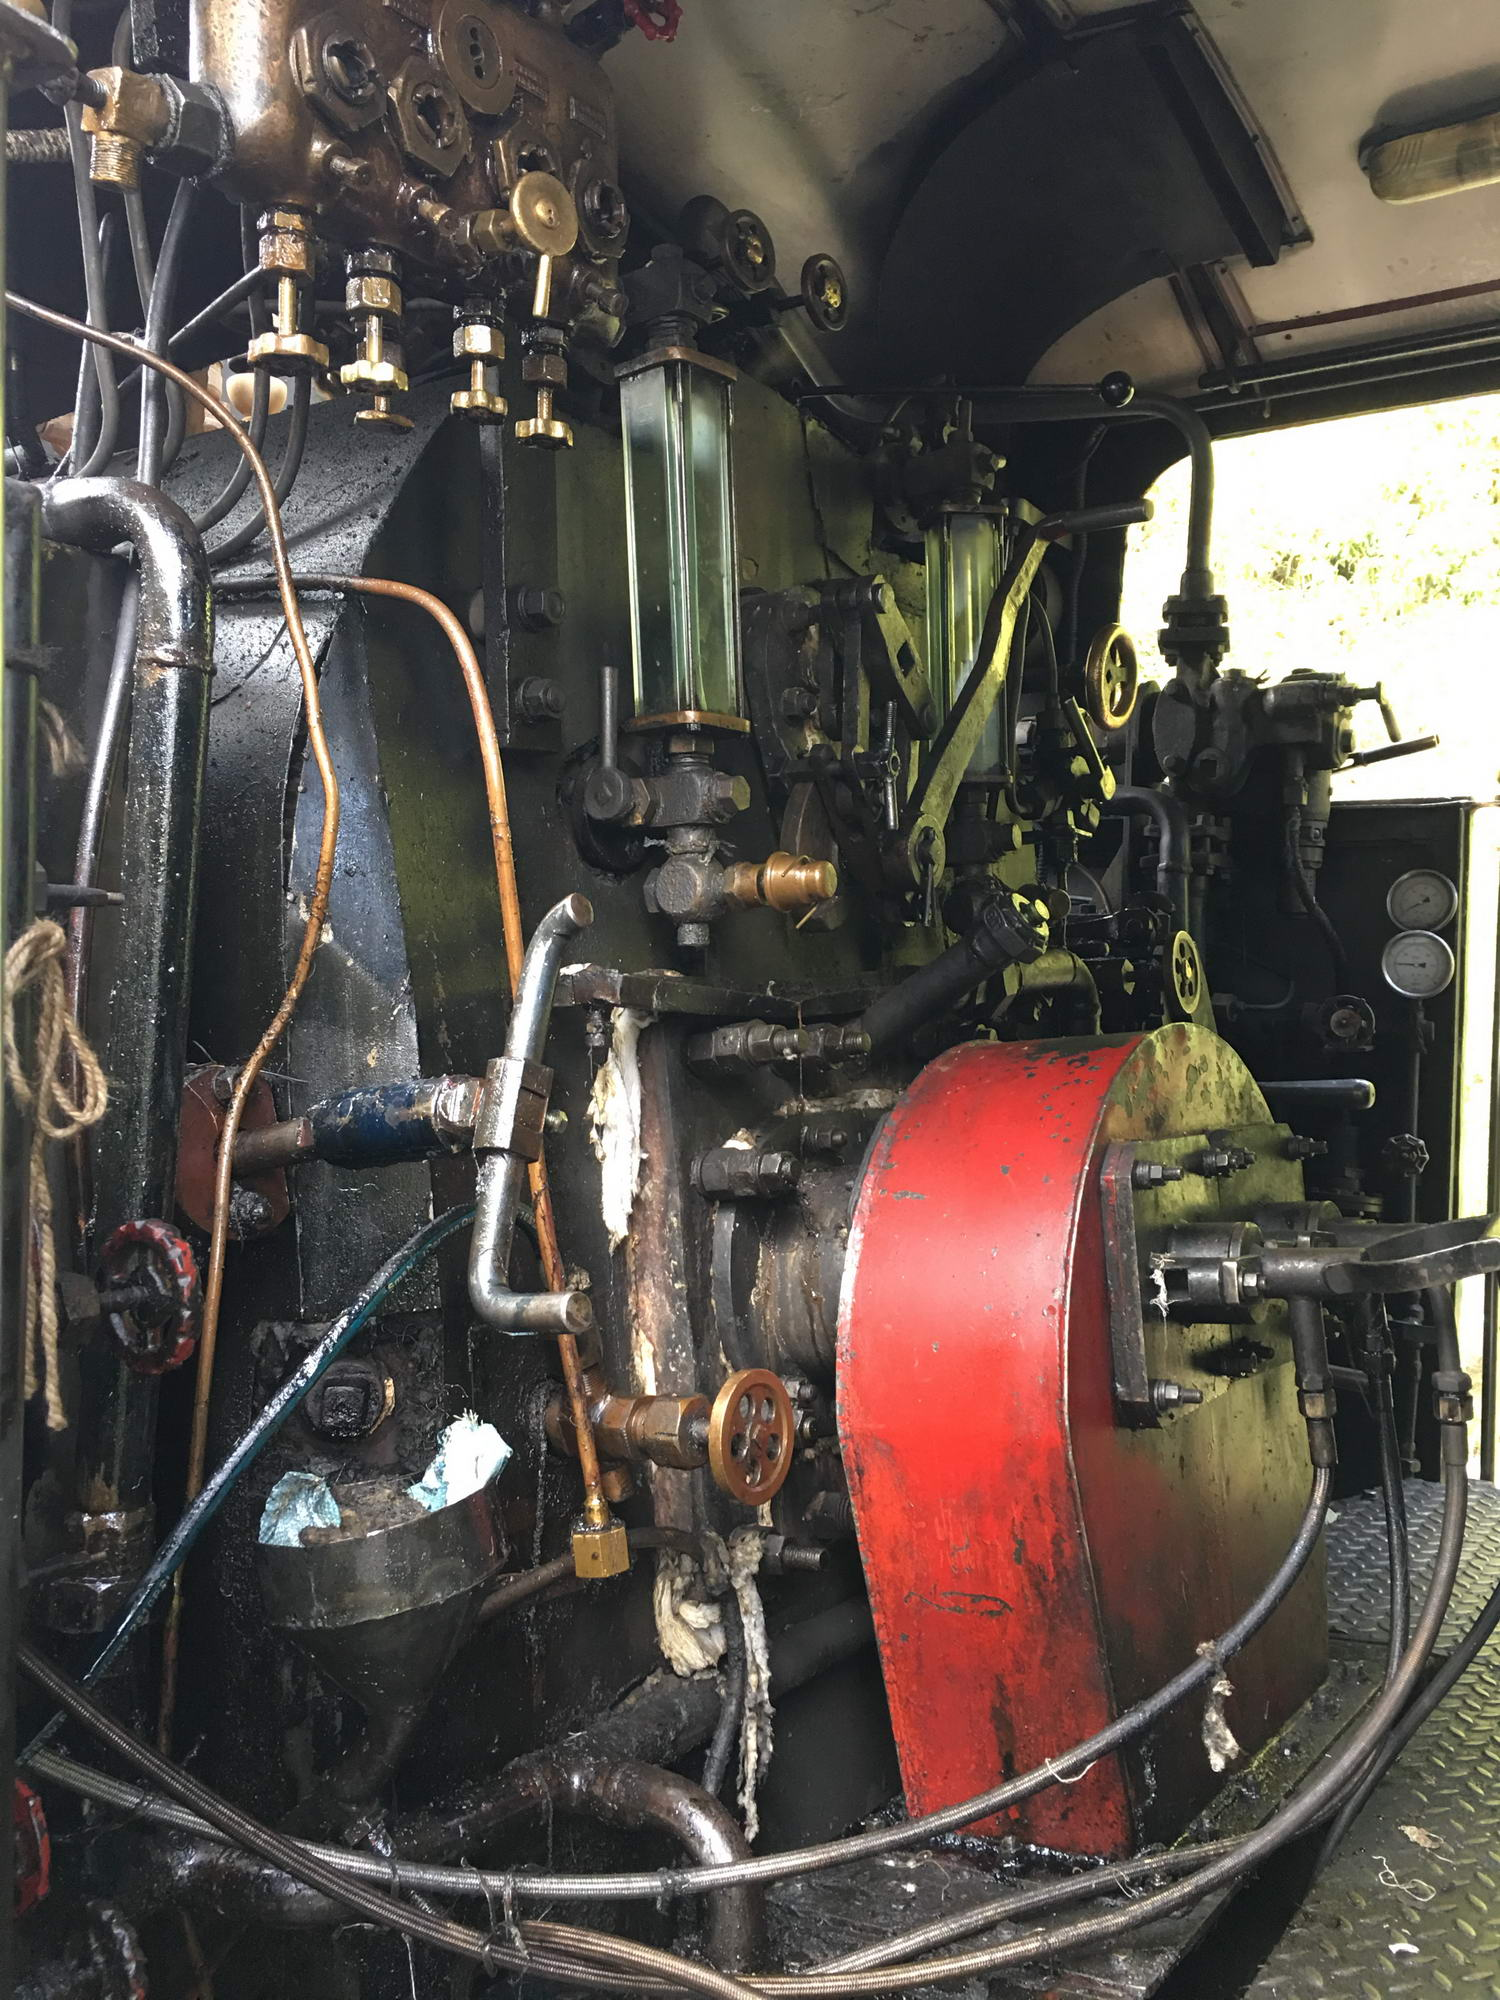 Prastara, a delujoča lokomotiva